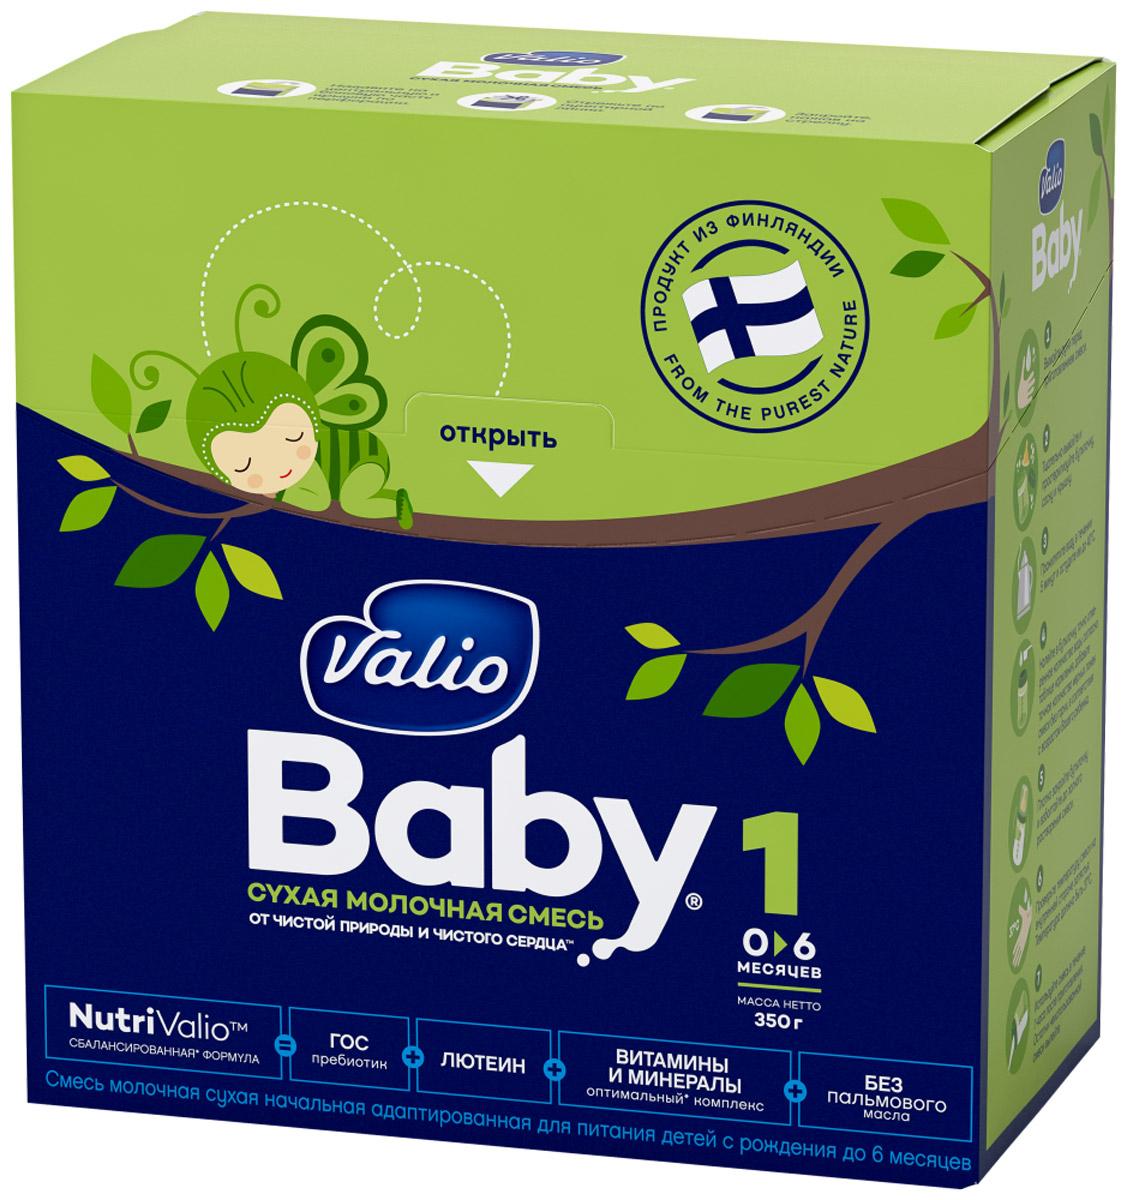 Valio Baby 1 смесь молочная с рождения, 350 г0120710Энергетическая ценность 513 ккал. Продукт хранить при температуре от 0°C до +25°С и относительной влажности воздуха не более 75%. После вскрытия упаковки хранить сухую смесь не более 3 недель в сухом, прохладном месте, но не в холодильнике.